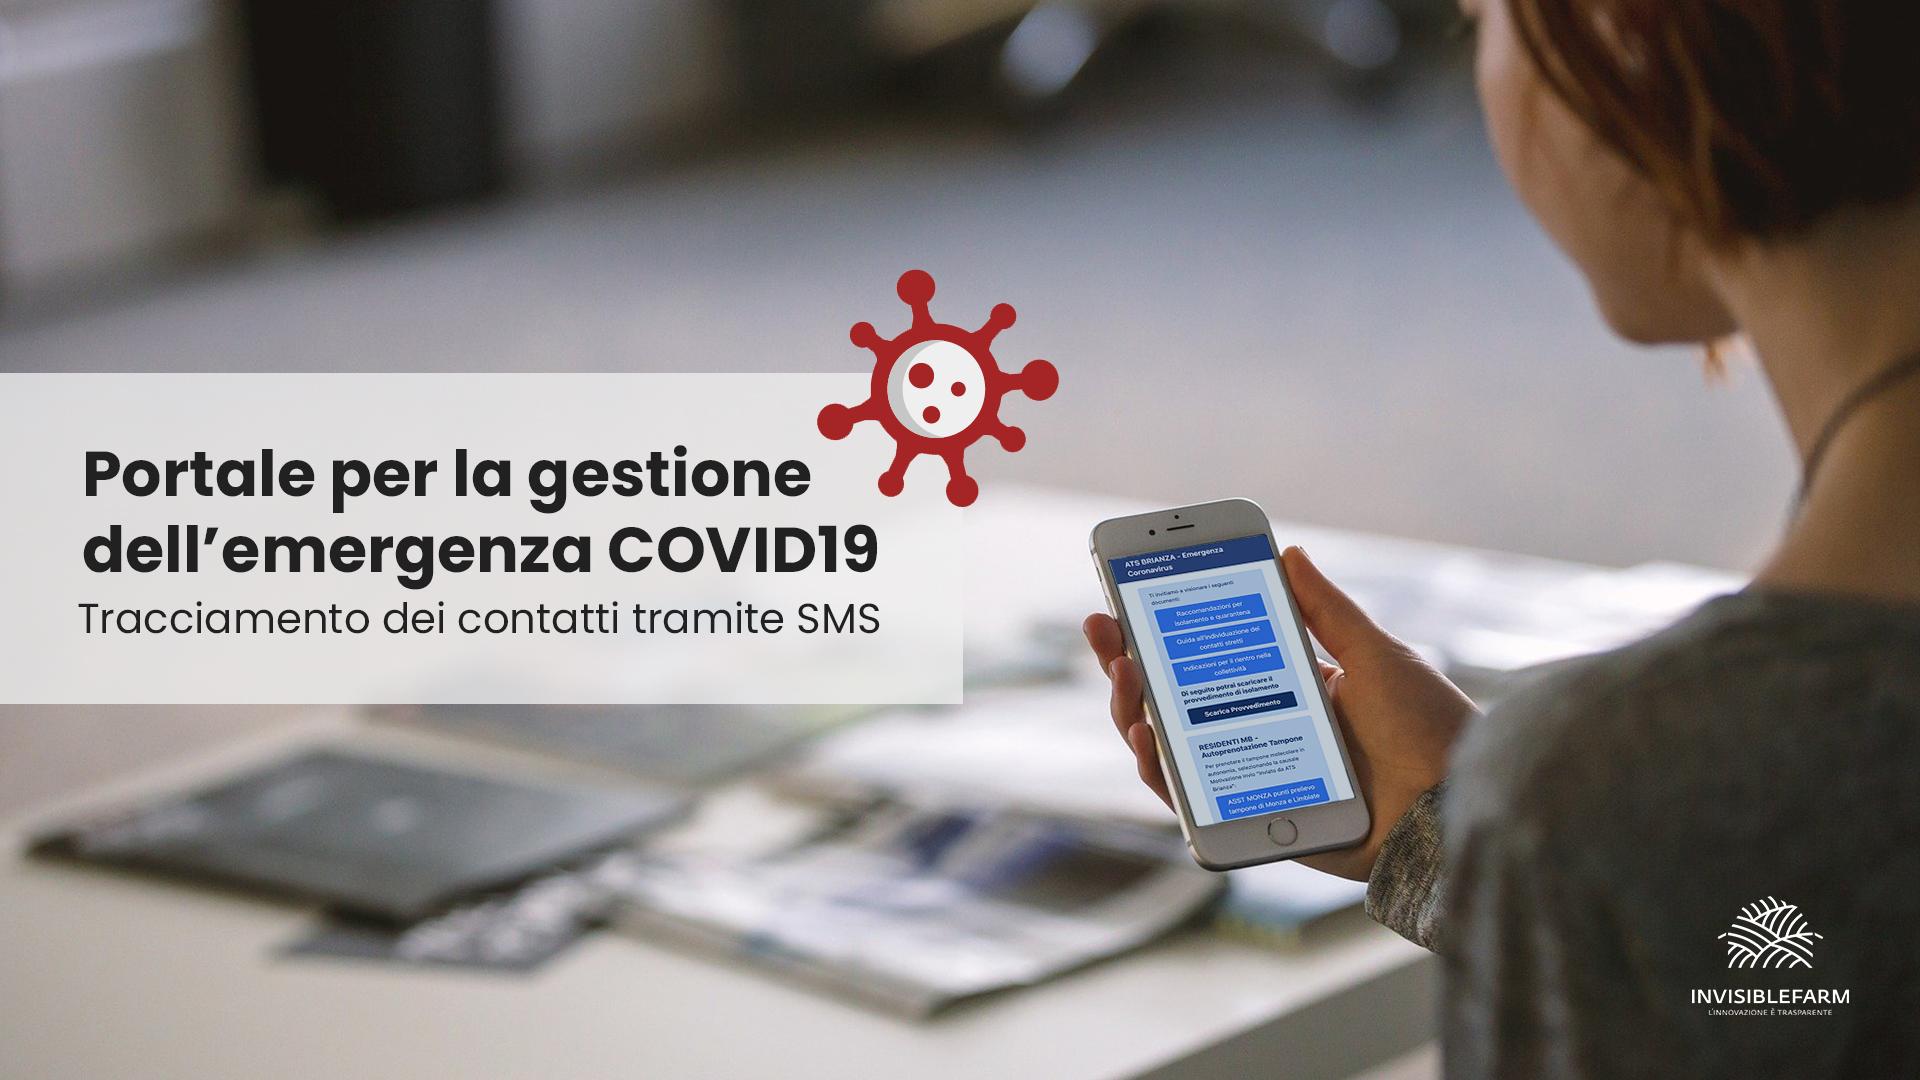 tracciamento-contatti-covid19